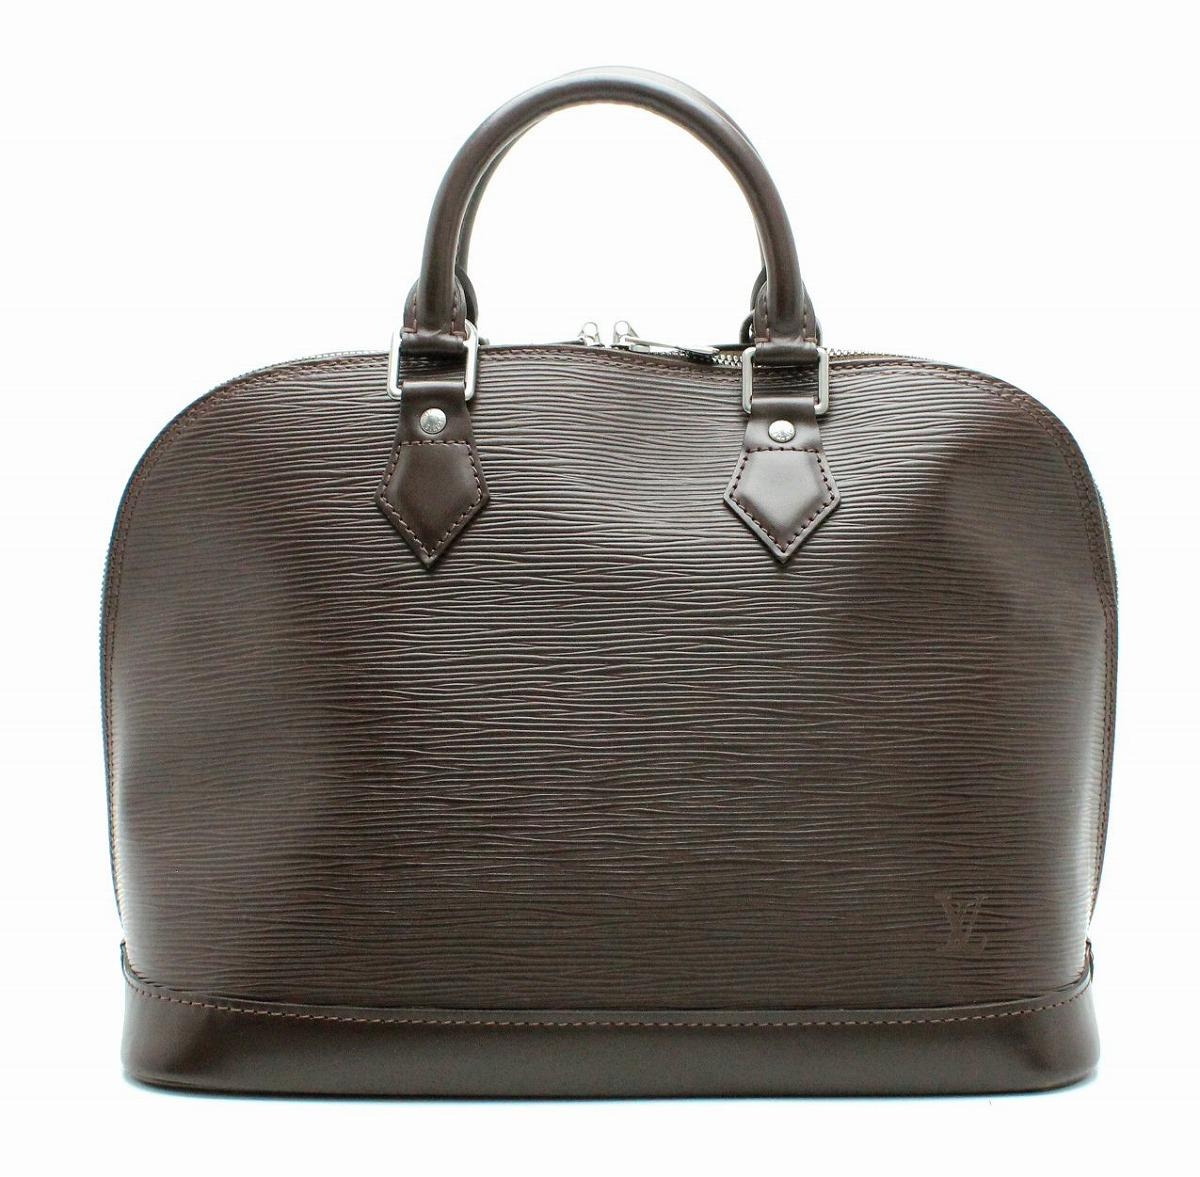 【バッグ】LOUIS VUITTON ルイ ヴィトン エピ アルマ ハンドバッグ レザー モカ 茶 ブラウン M5214D 【中古】【k】